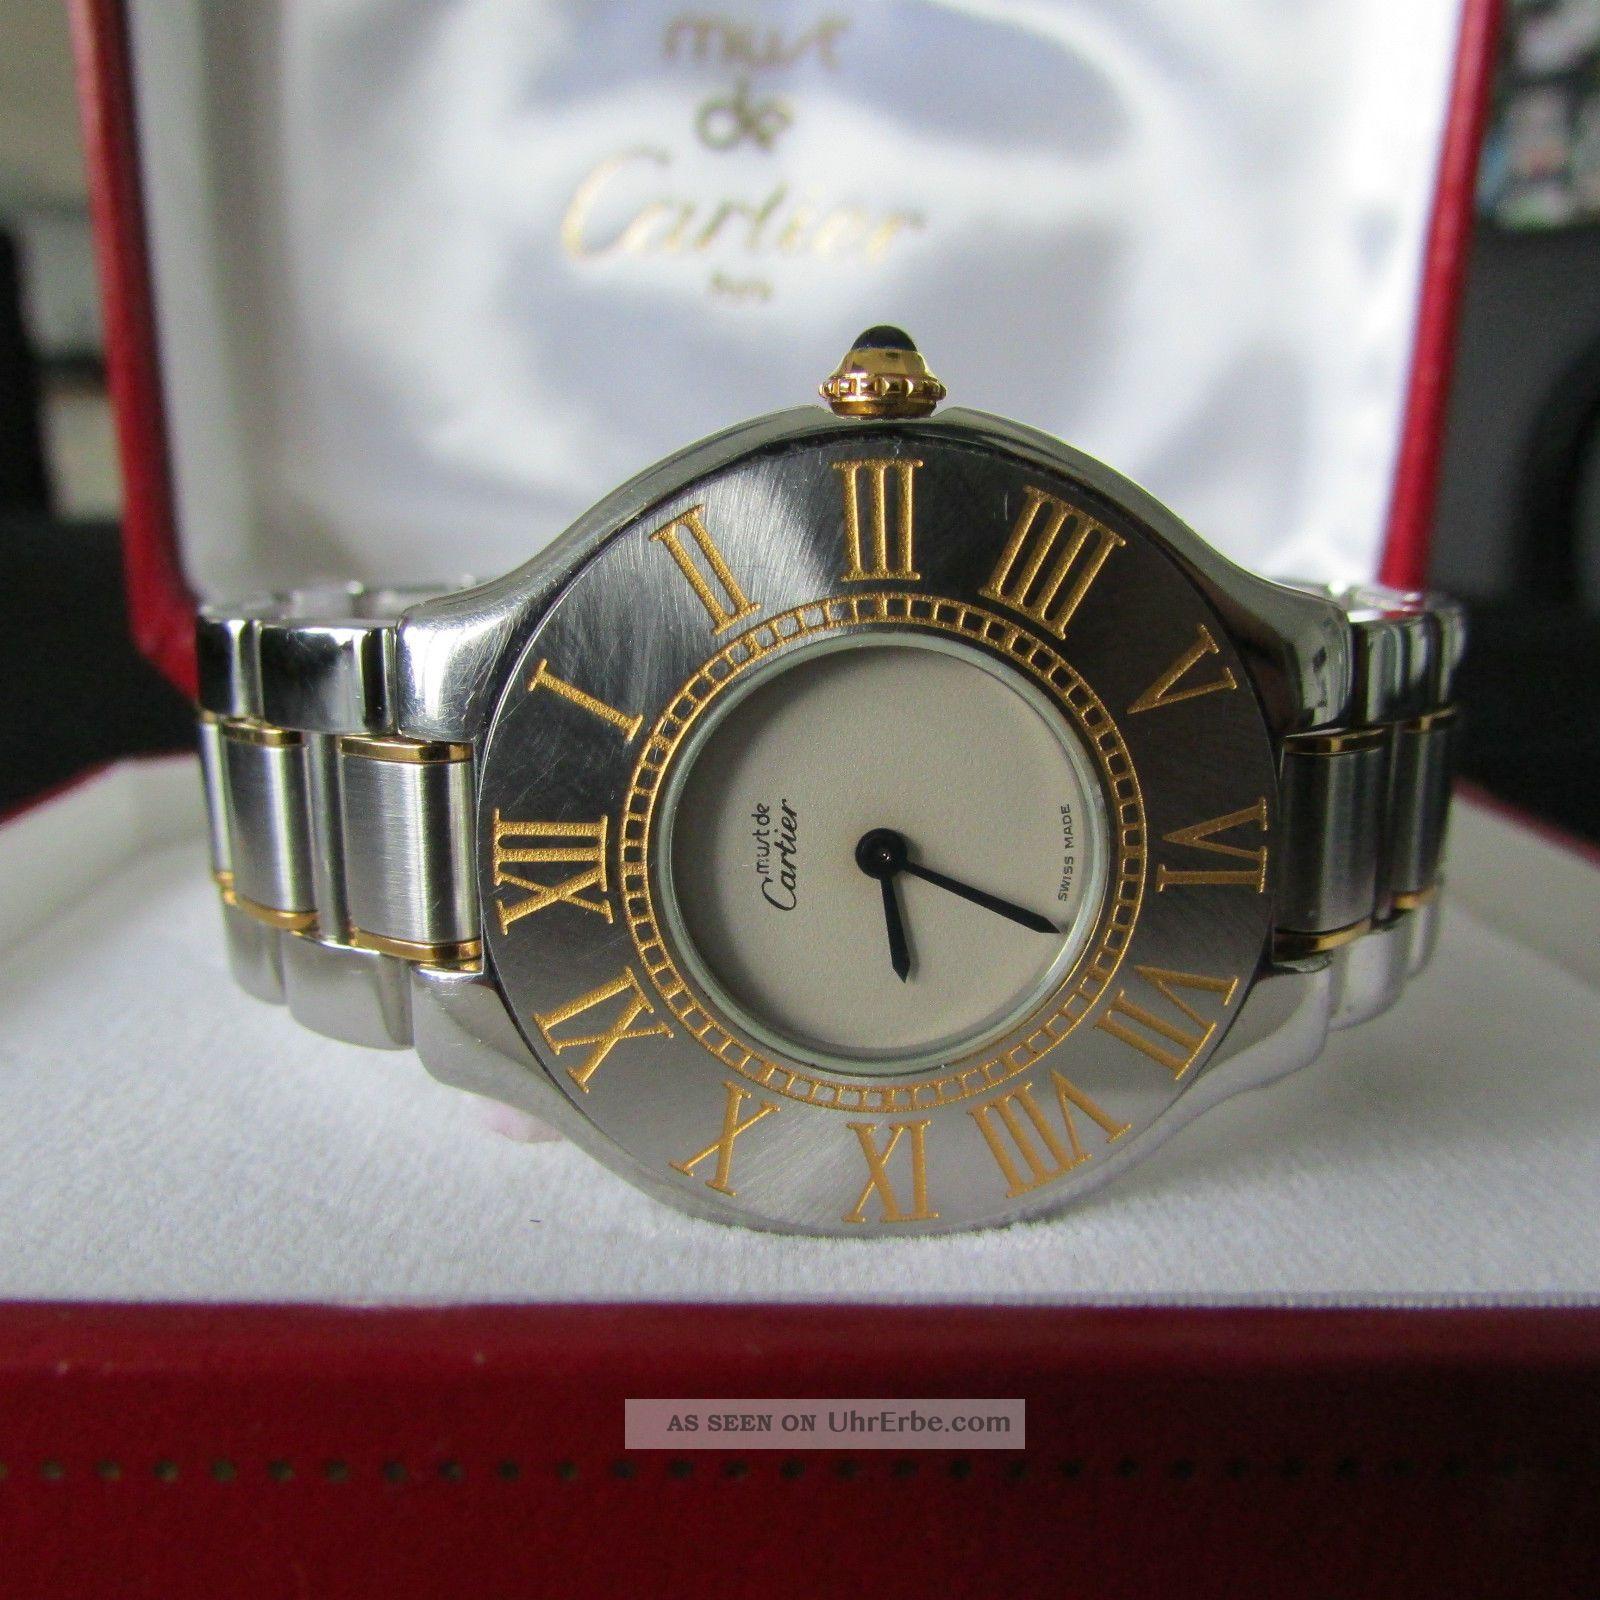 Armbanduhr Cartier Must21 Stahl / Gold Damenuhr Armbanduhren Bild